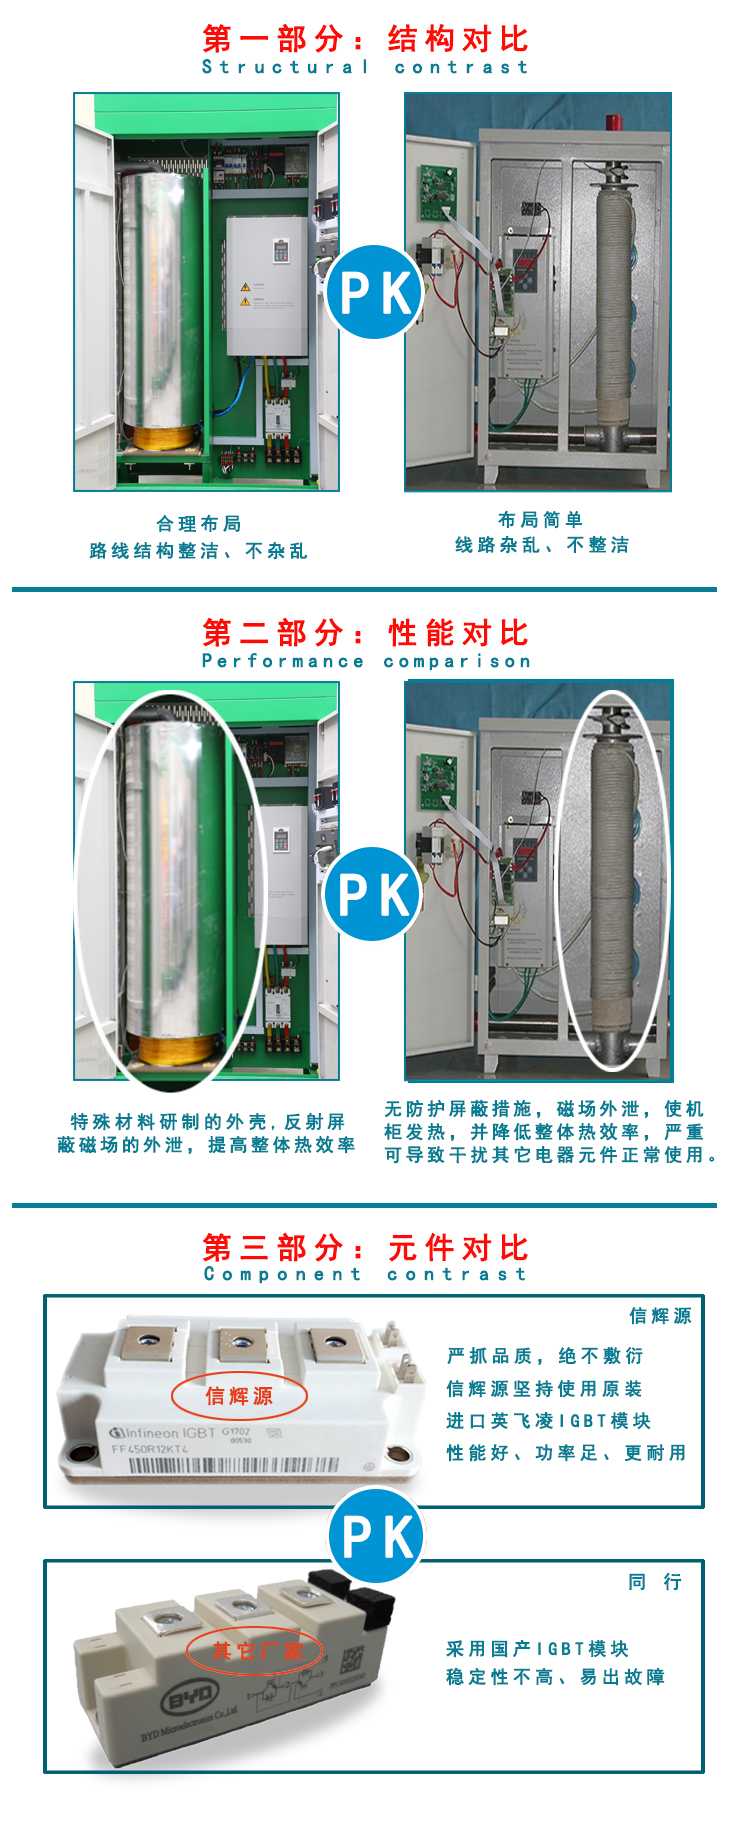 電磁采暖爐對比圖